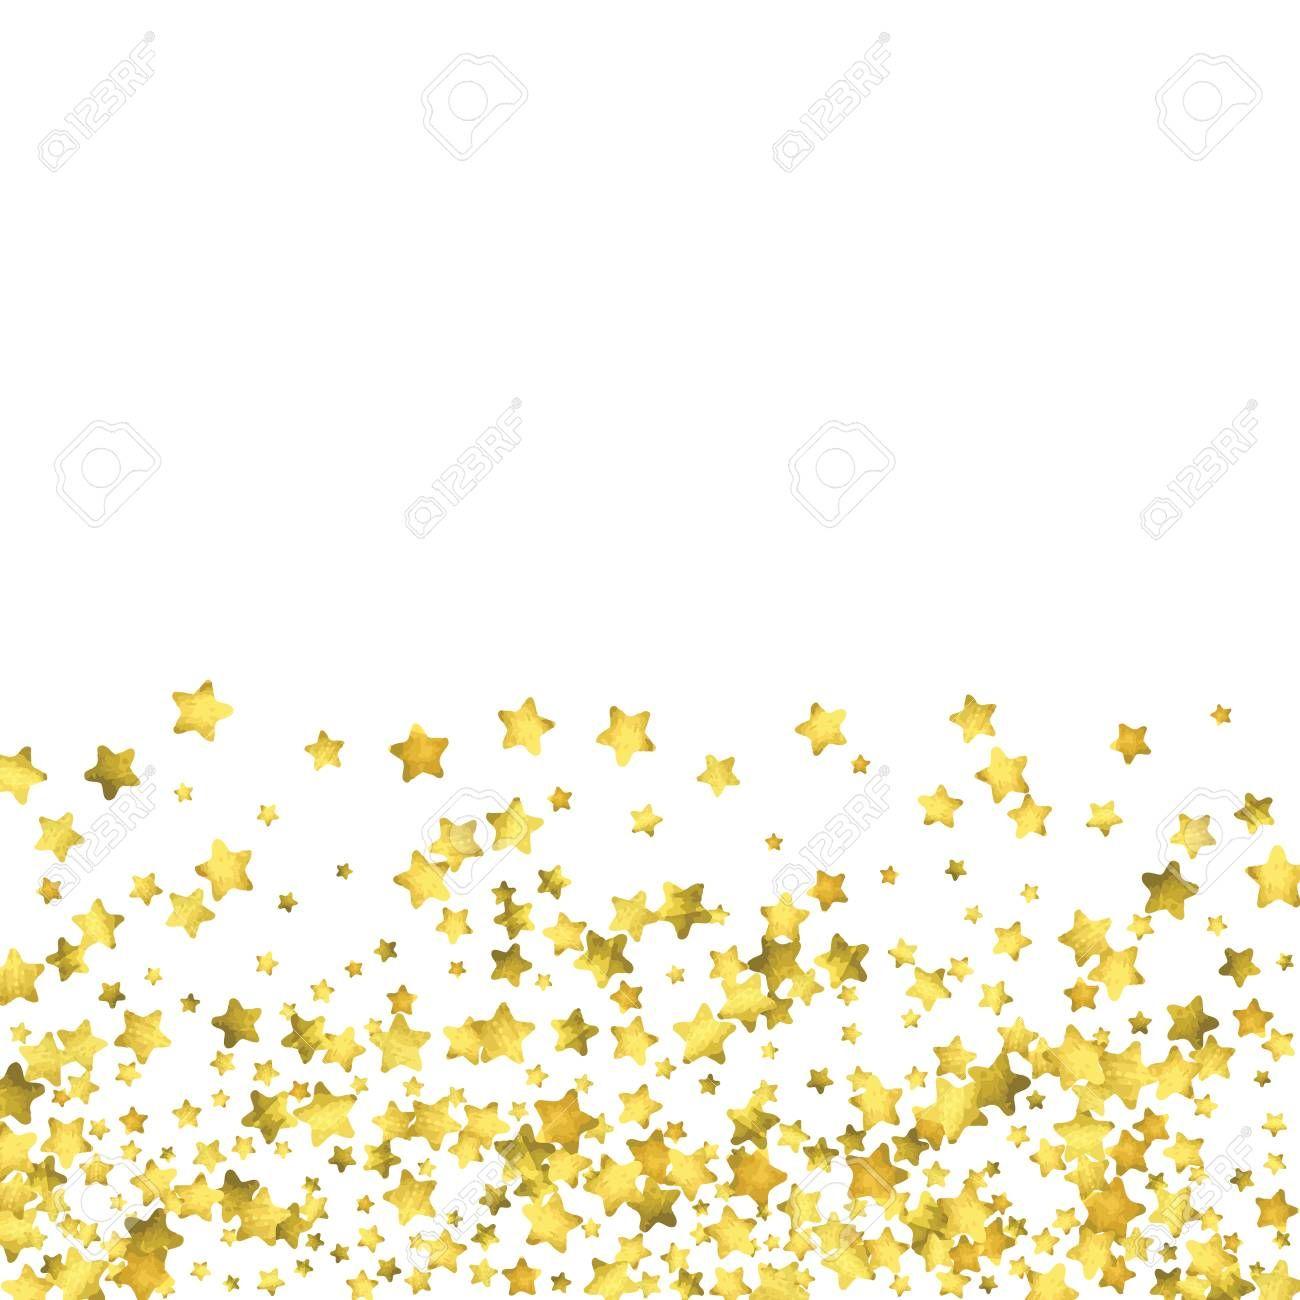 Star Confetti Gold Random Confetti Background Bright Design Template Vector White And Yellow Confetti Background Bright Designs Wedding Invitation Templates